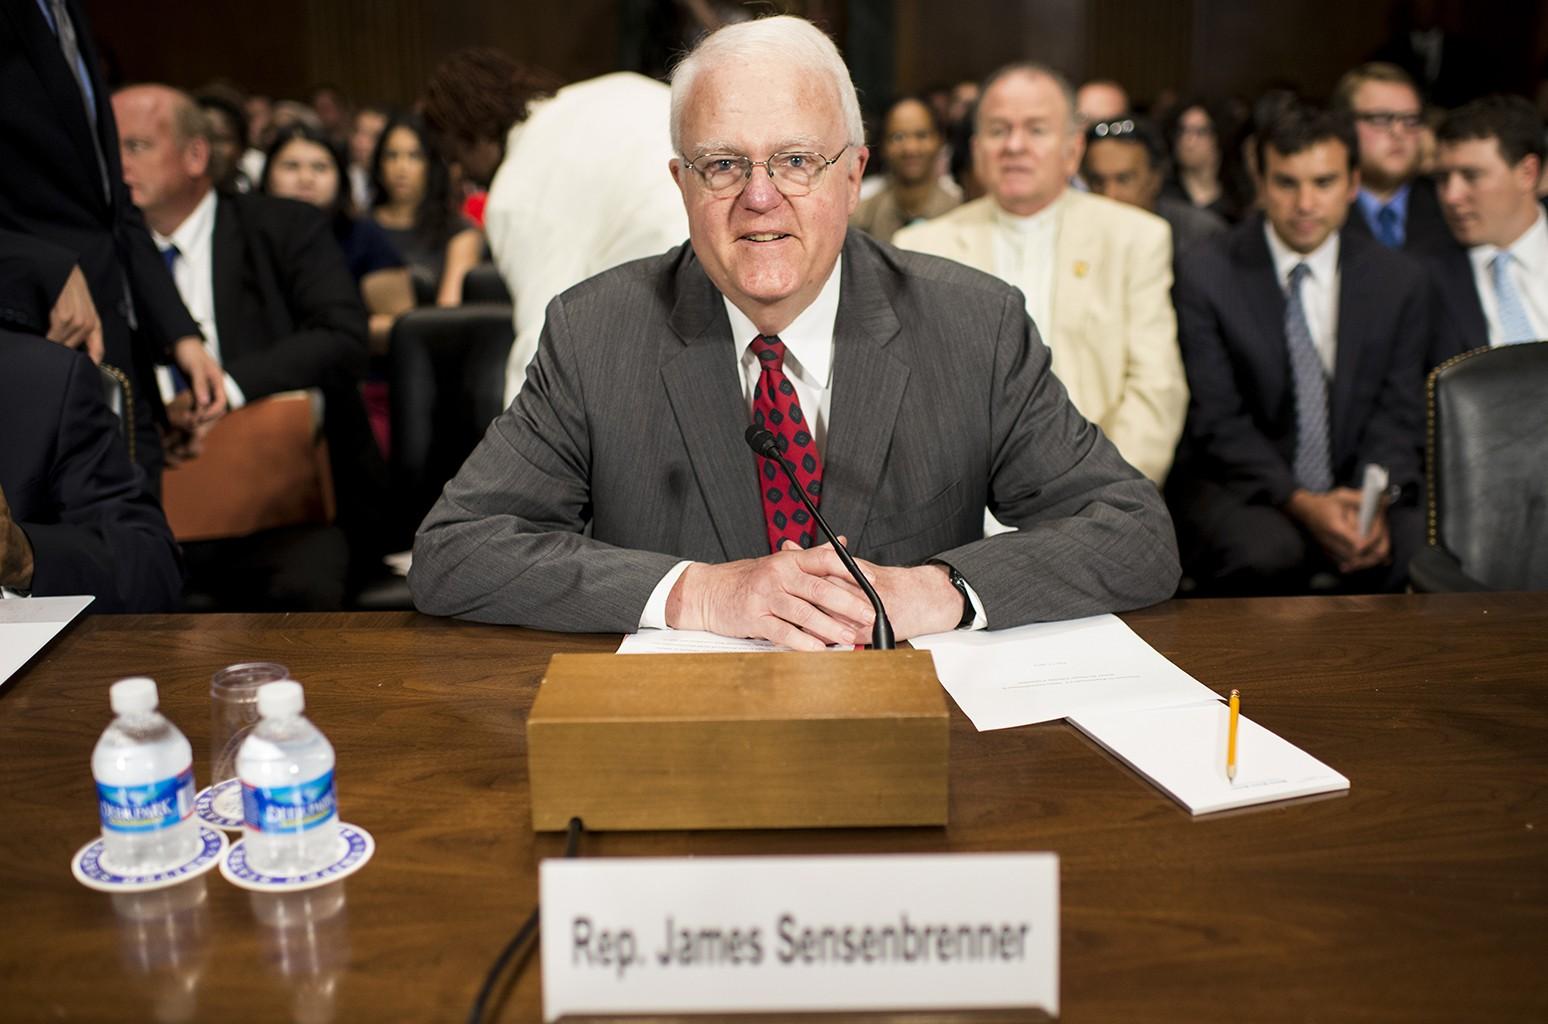 Jim Sensenbrenner